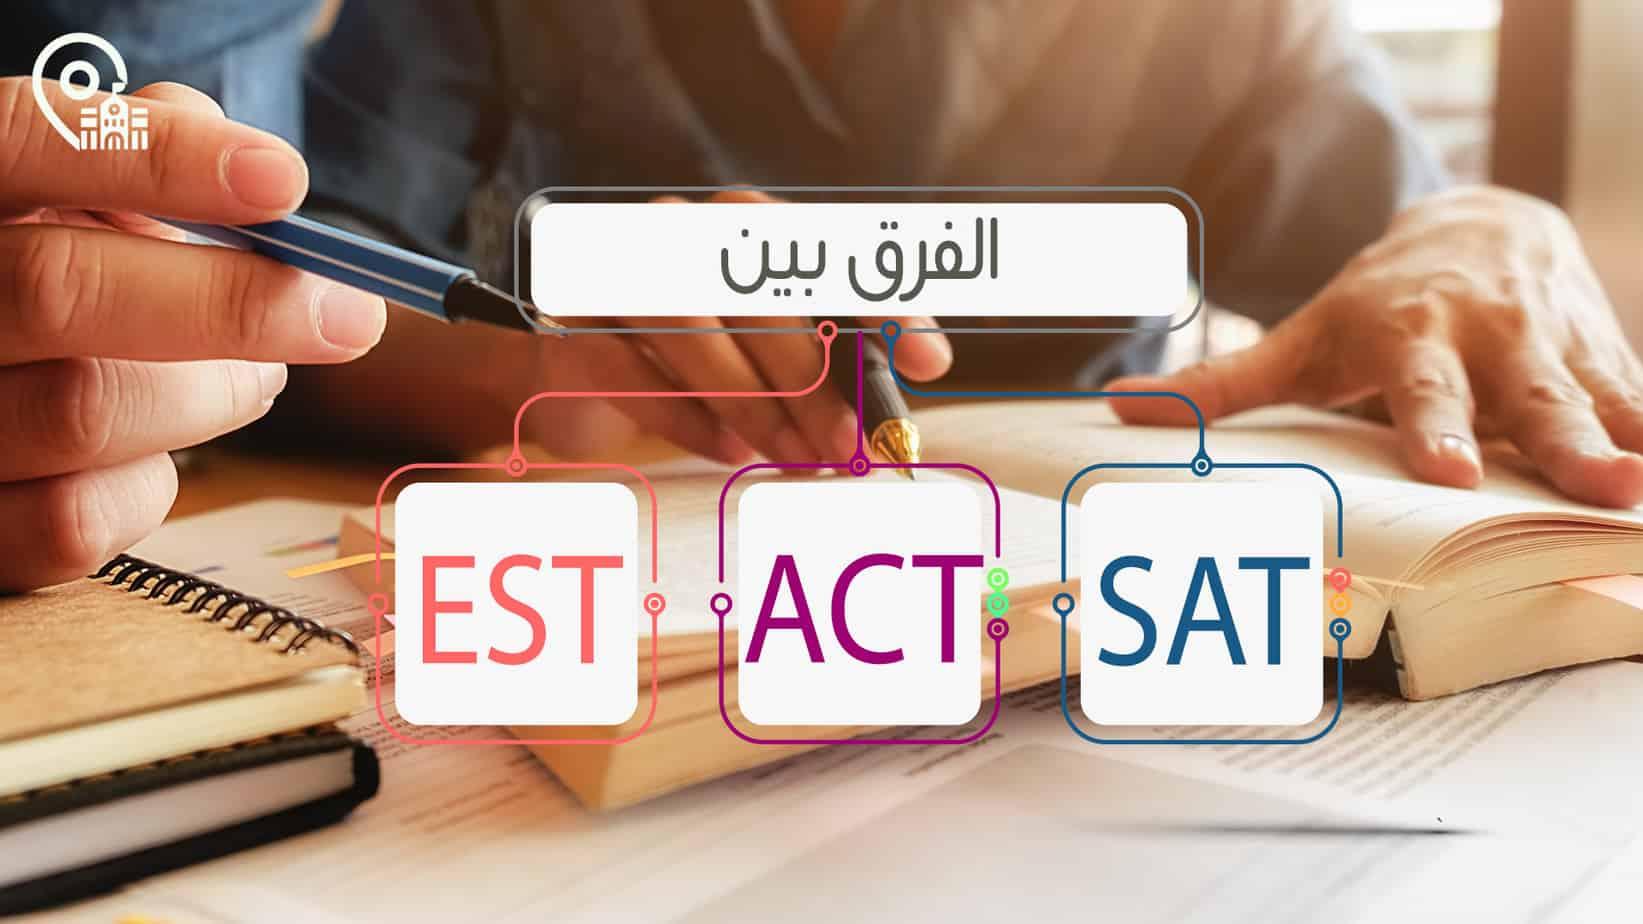 الفرق بين اختبار sat و act و est